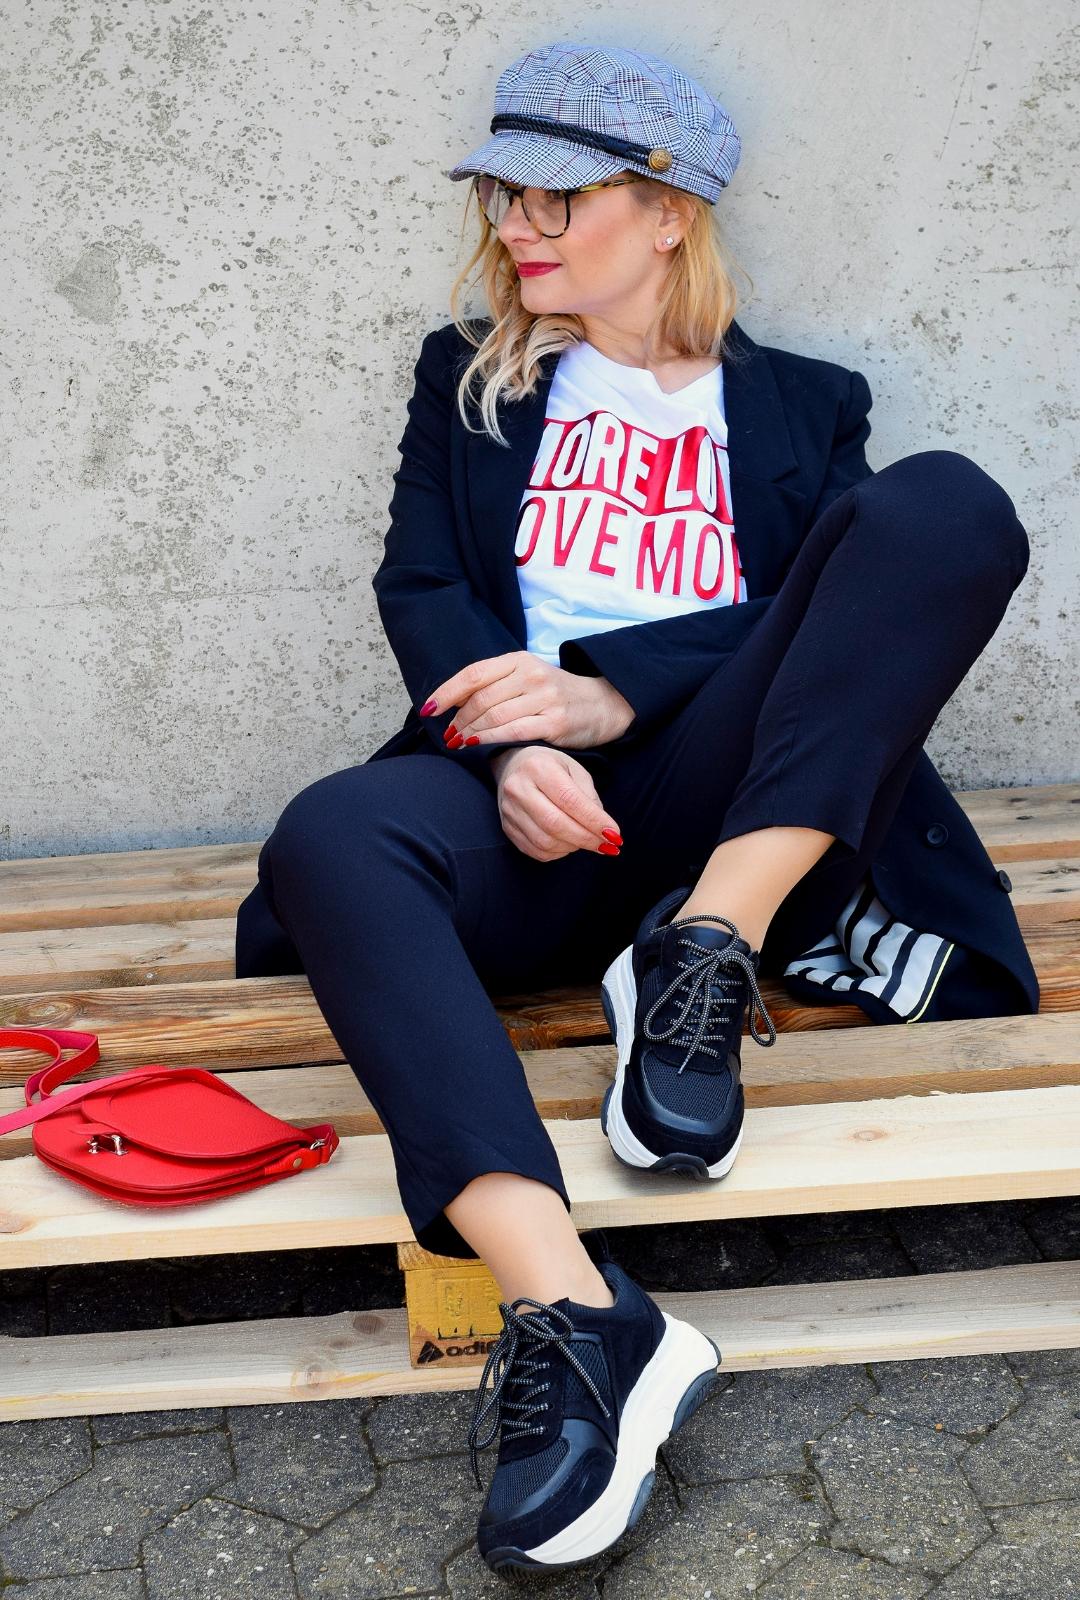 schwarzer, lässiger Business Anzug für Frauen mit Sneakern kombiniert